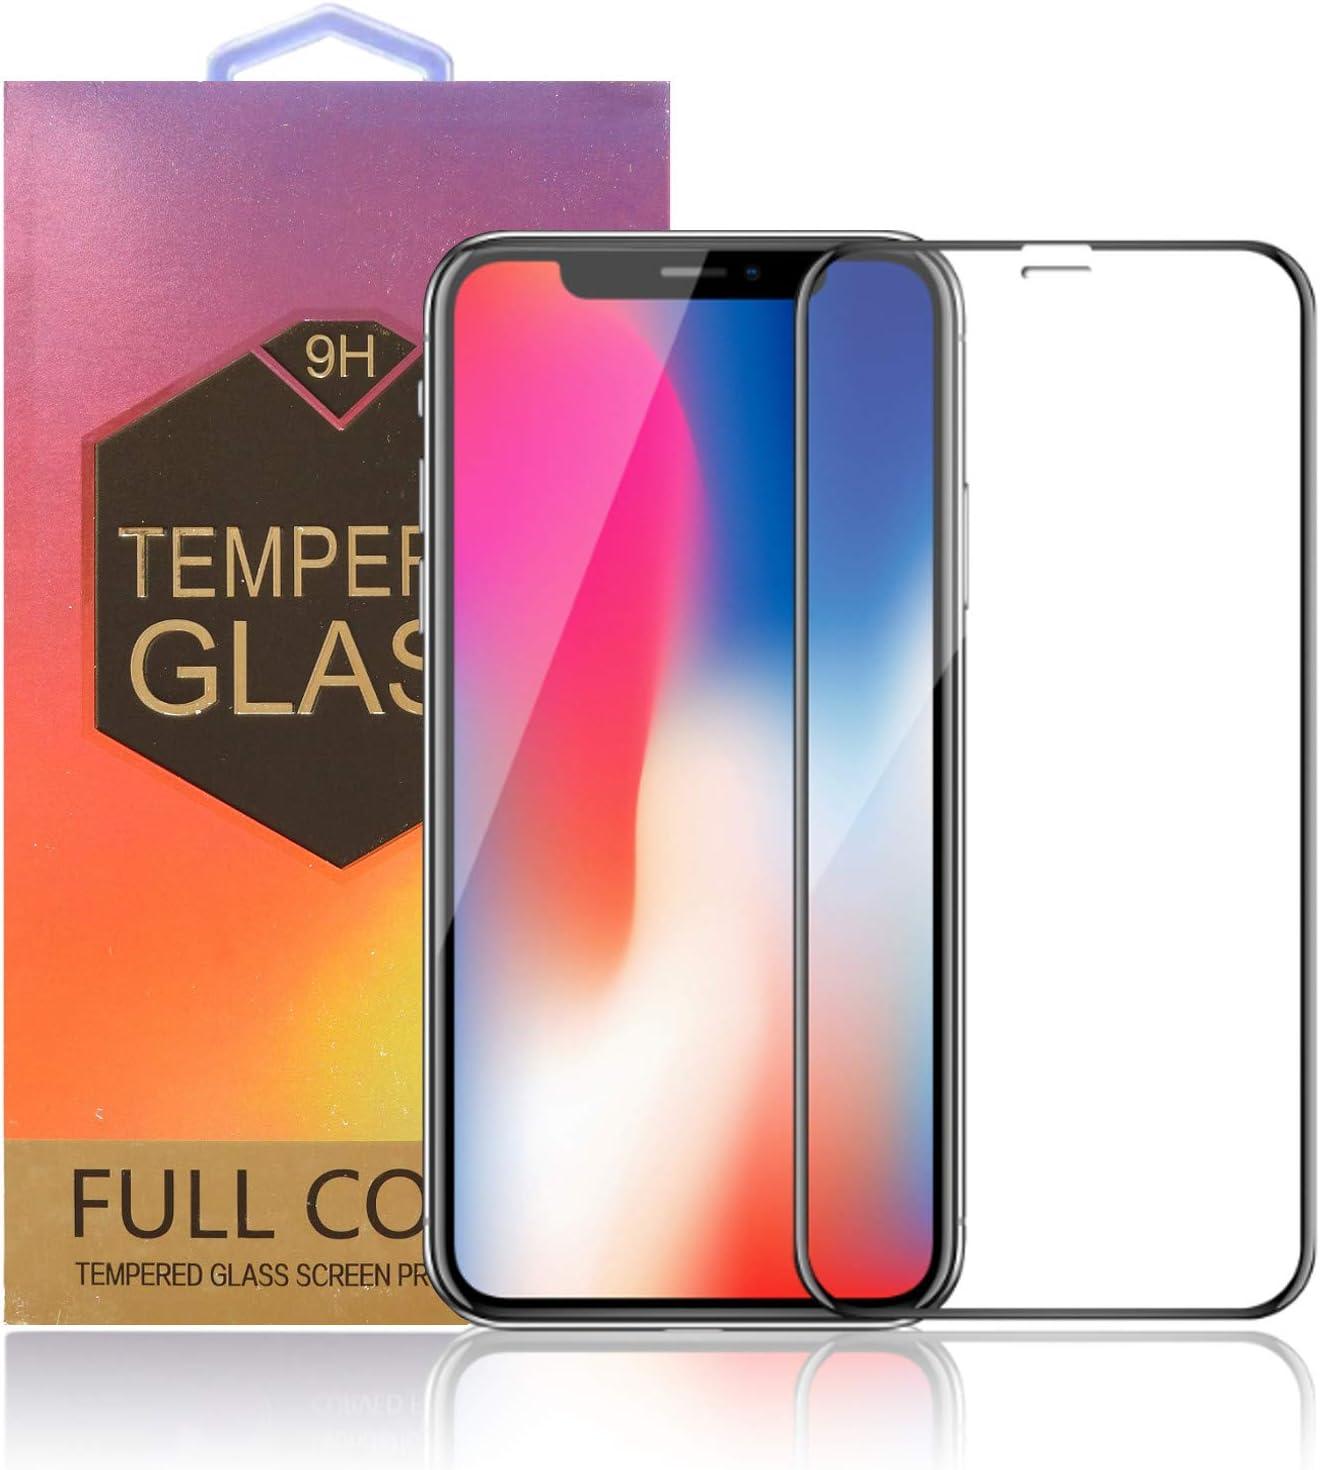 Protector Pantalla iPhone X / XS | Cobertura Total 3D | Inastillable | Libre de burbujas | | Anti Ralladuras | Ultra Delgado 0.33 mm | 9H Premium | Cristal Templado | 3D Touch & Face ID Compatible